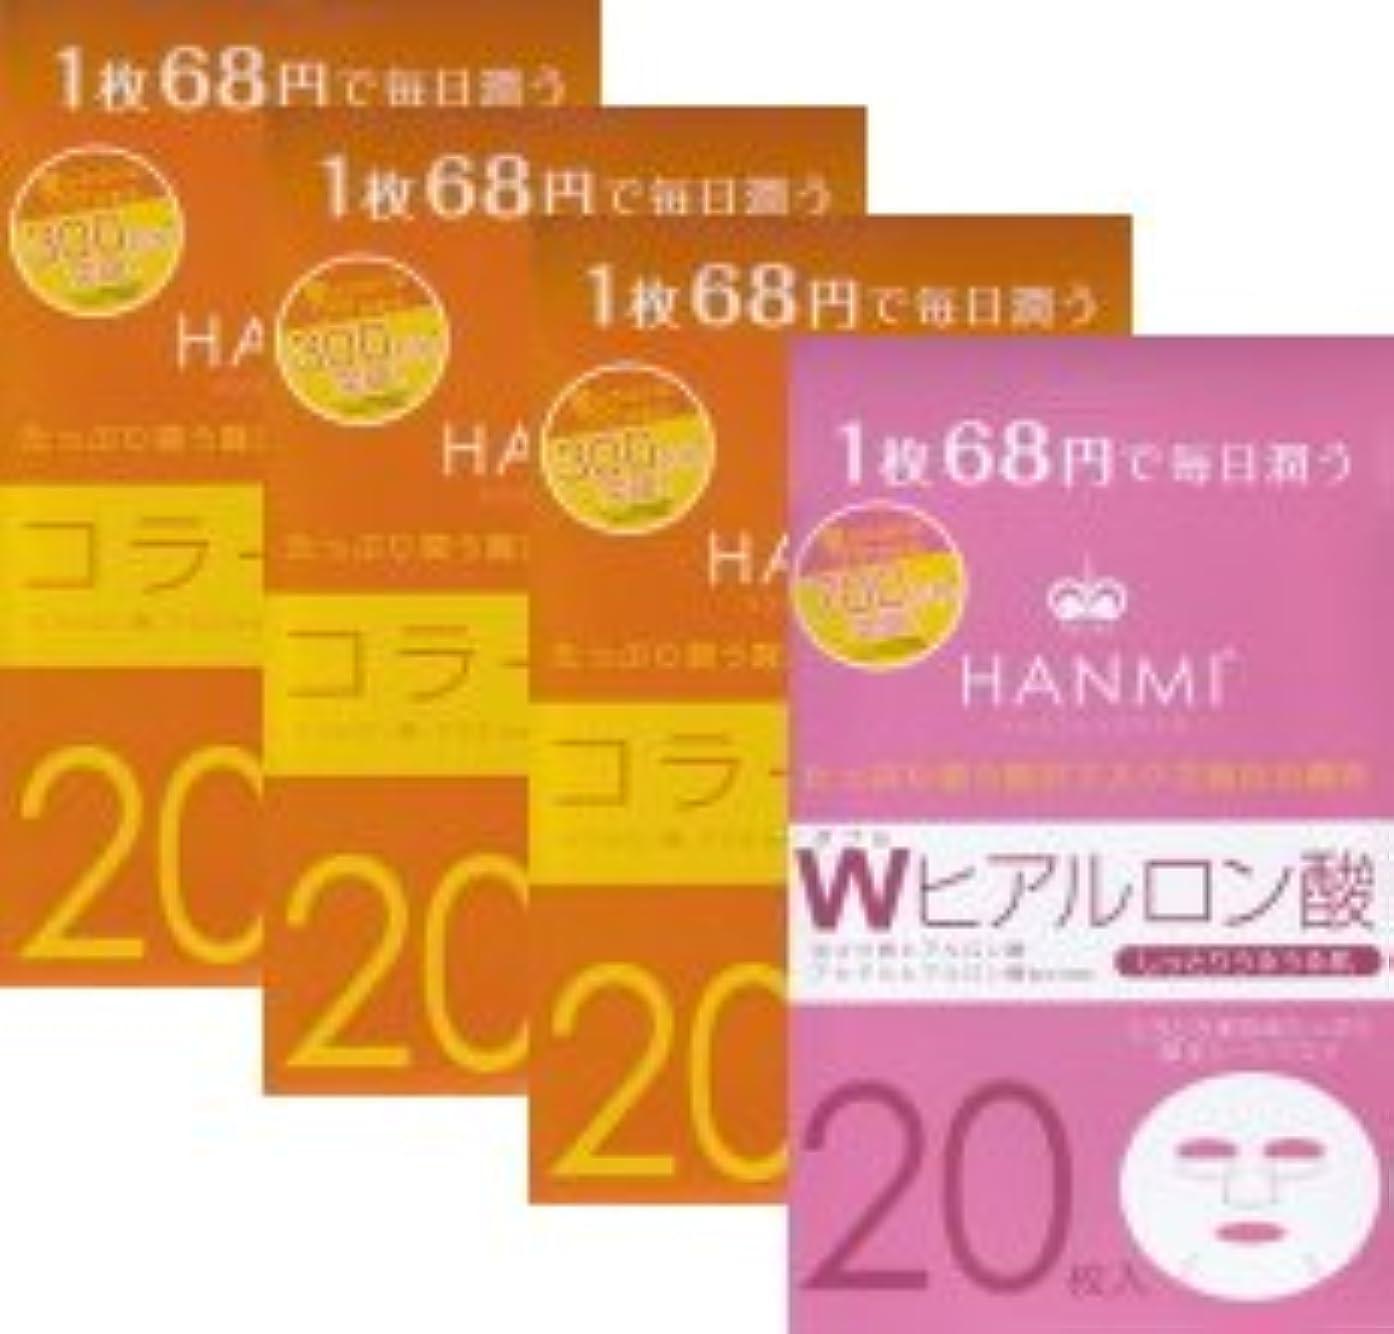 MIGAKI ハンミフェイスマスク(20枚入り)「コラーゲン×3個」「Wヒアルロン酸×1個」の4個セット